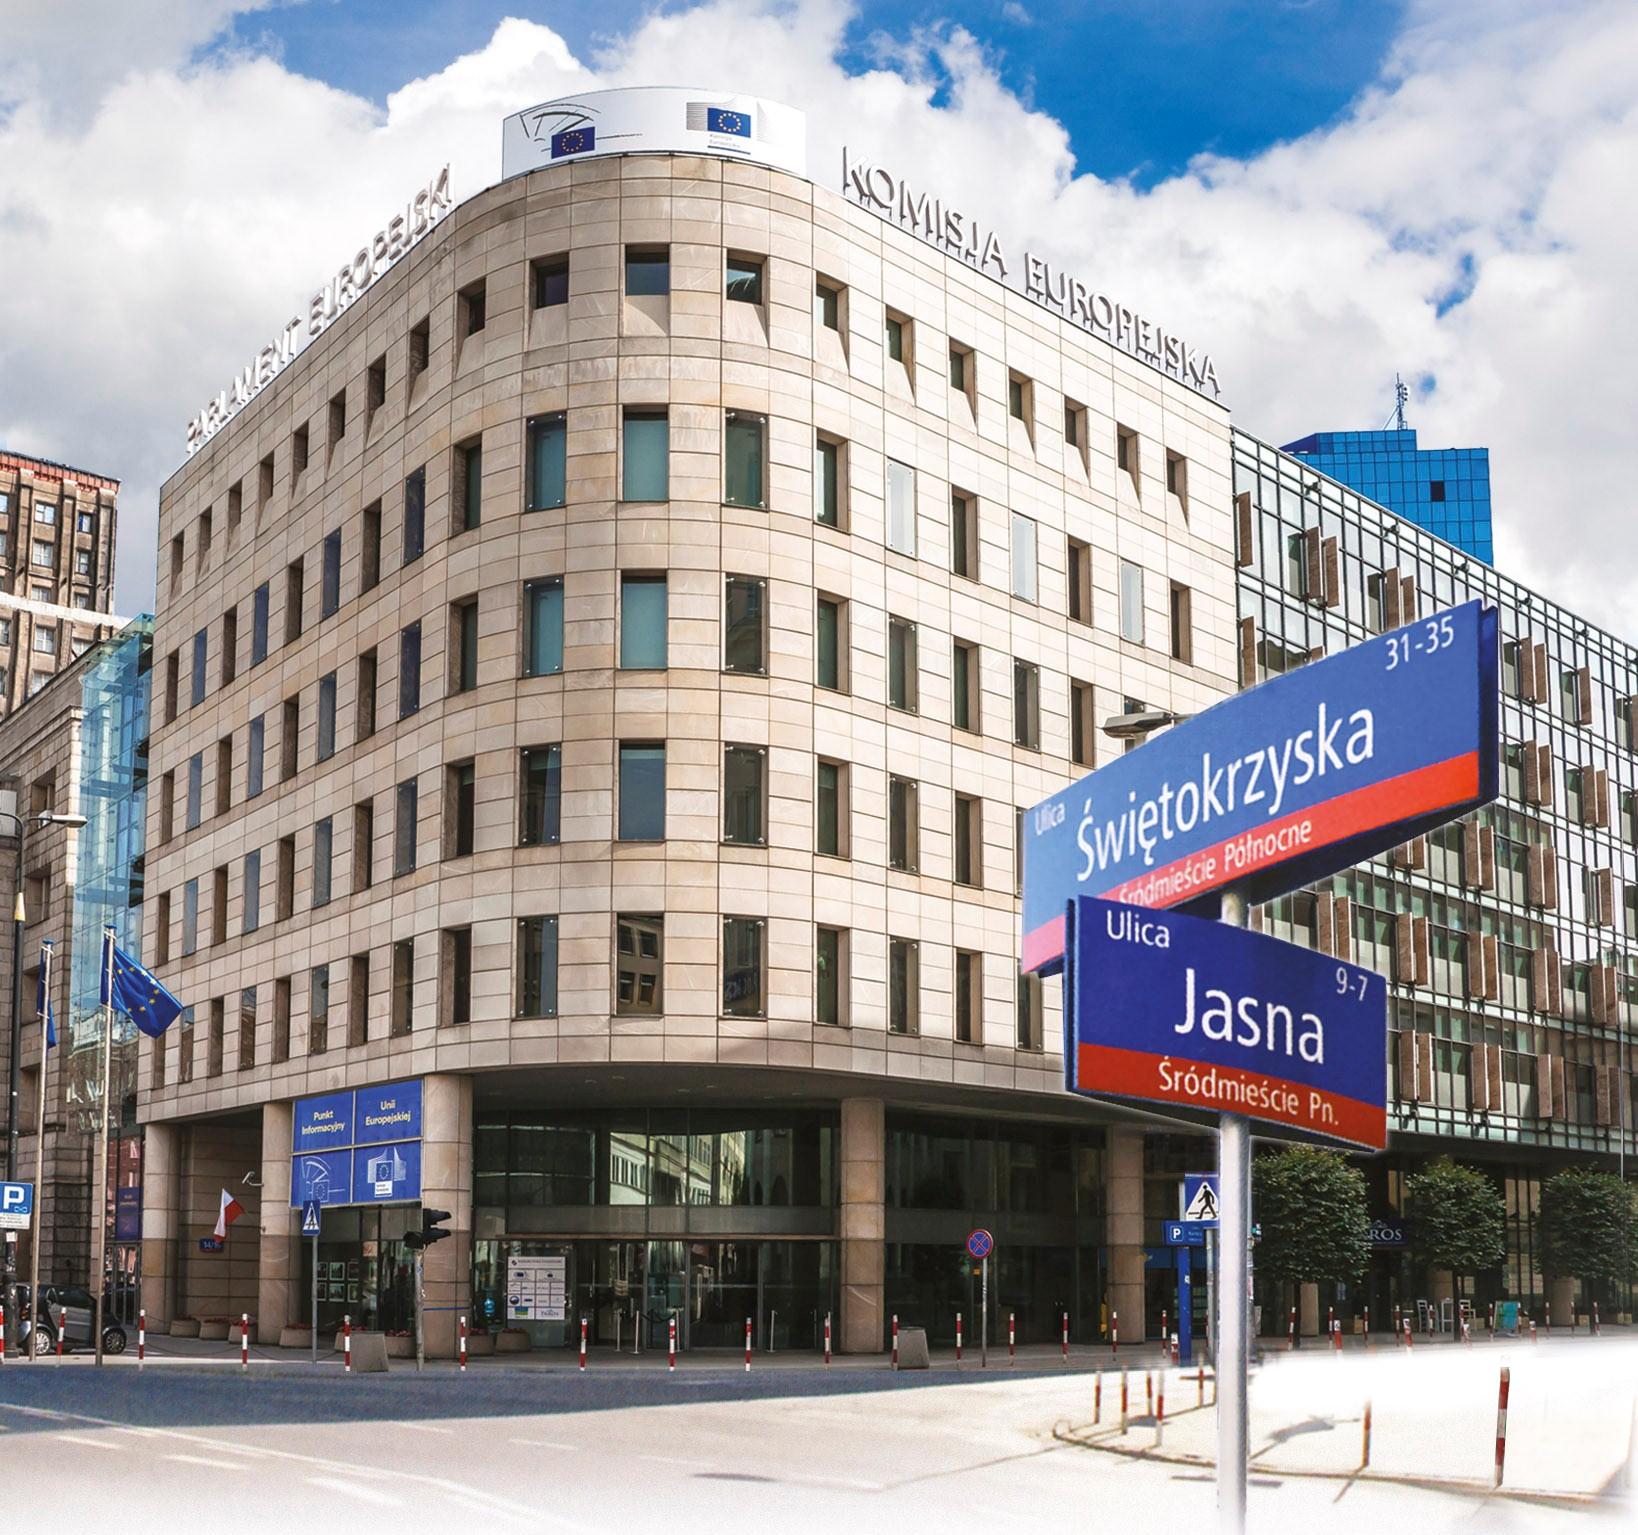 Biuro Informacyjne Parlamentu Europejskiego w Warszawie Jasna